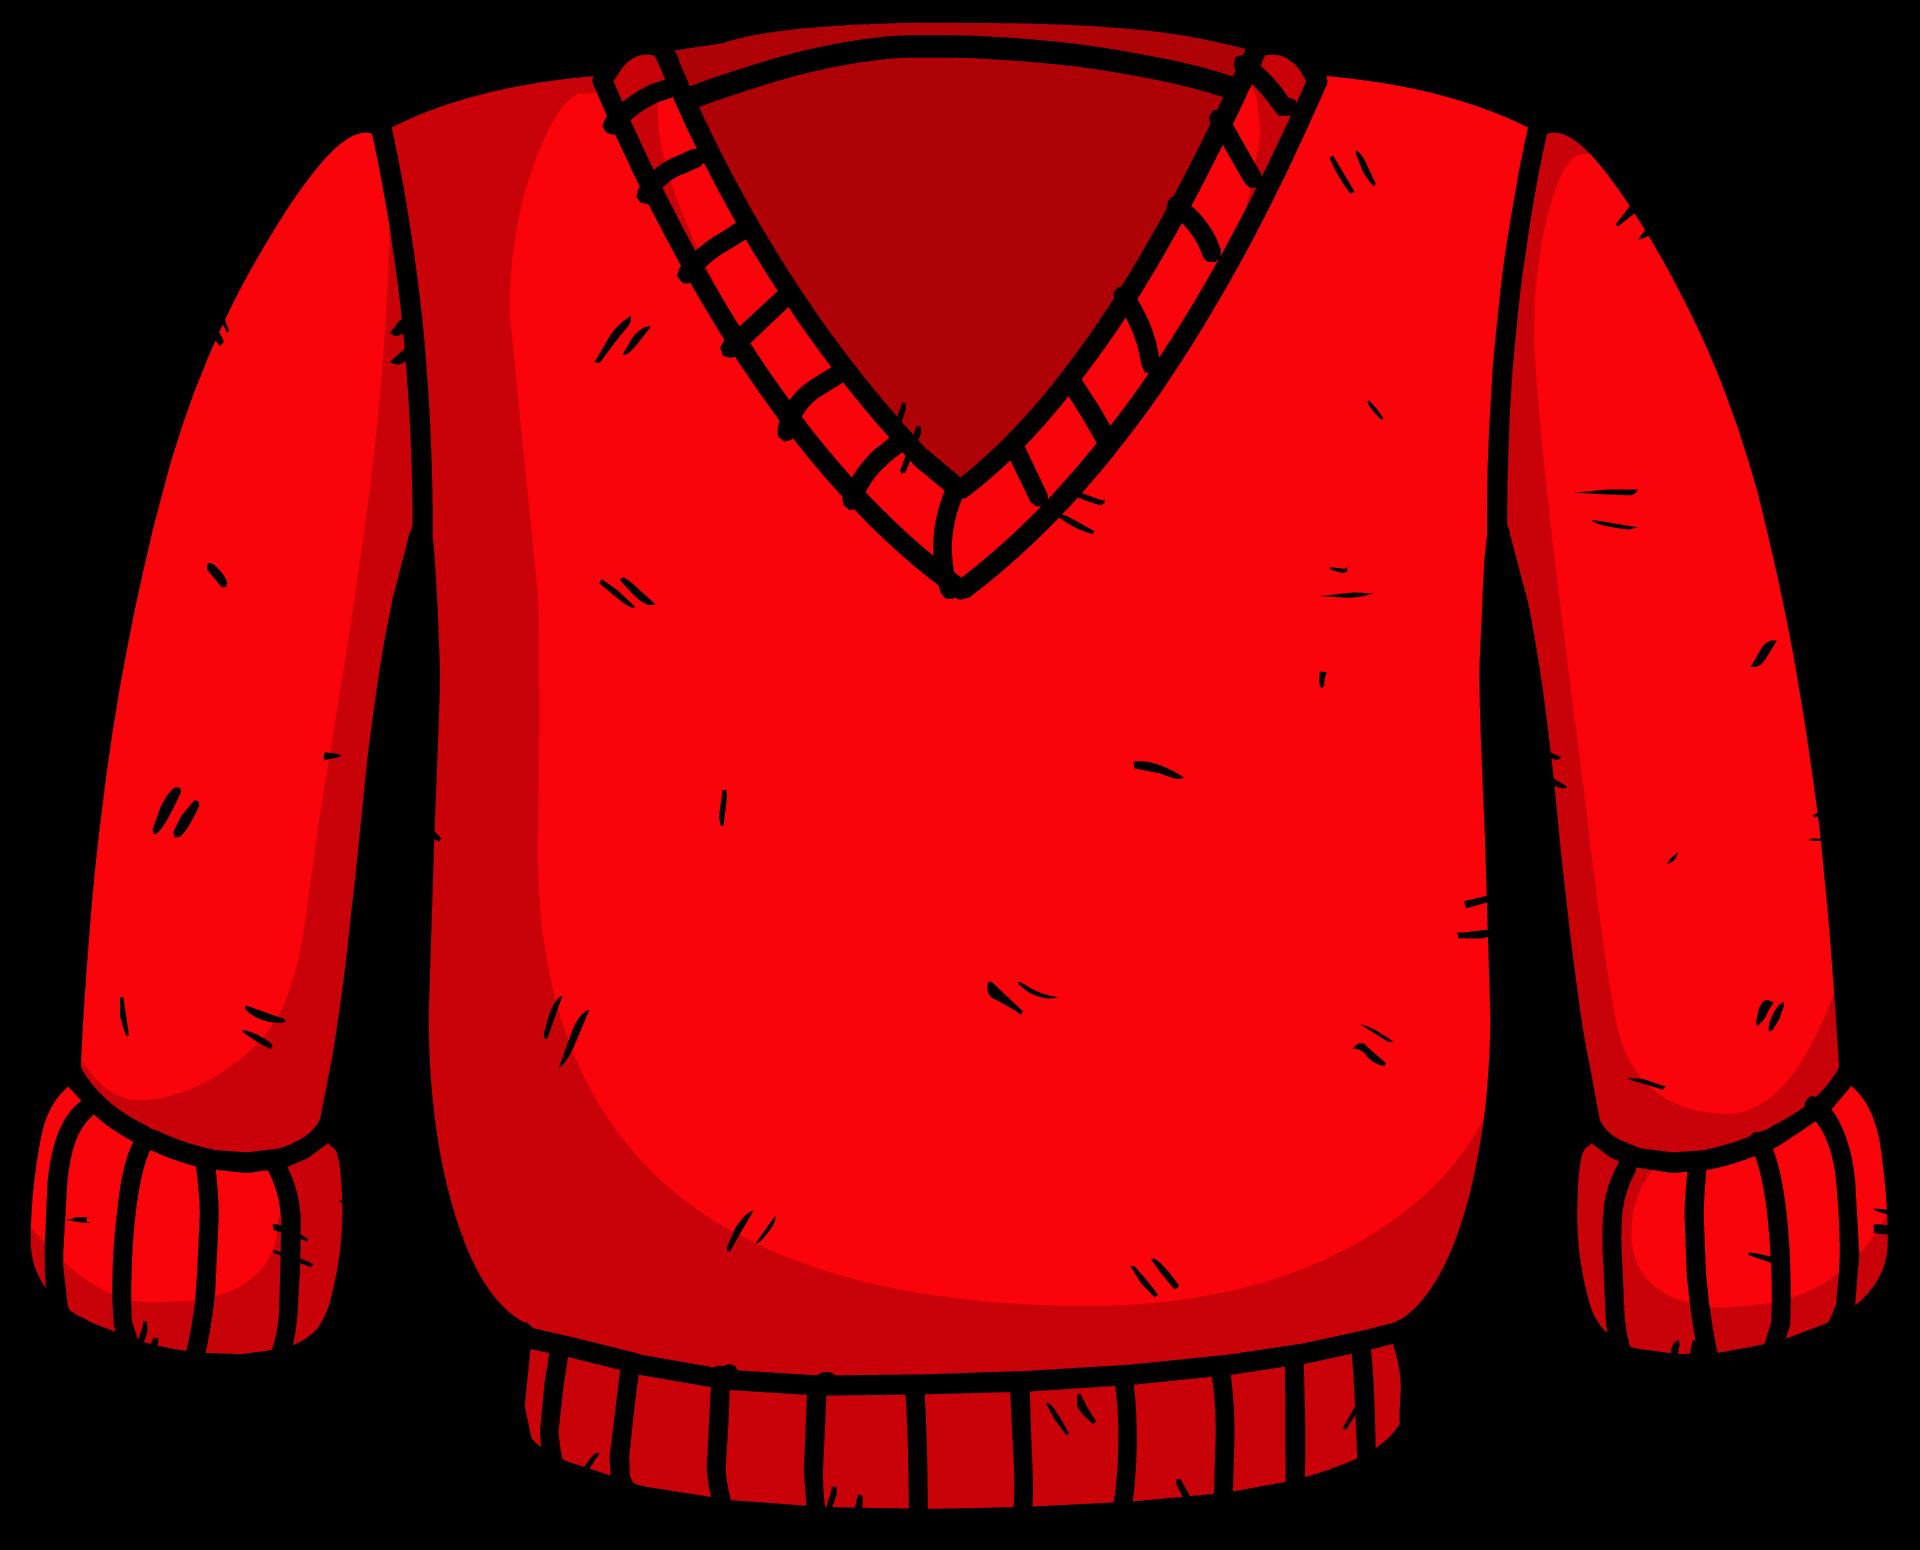 Hoodie clipart cardigan sweater, Hoodie cardigan sweater.